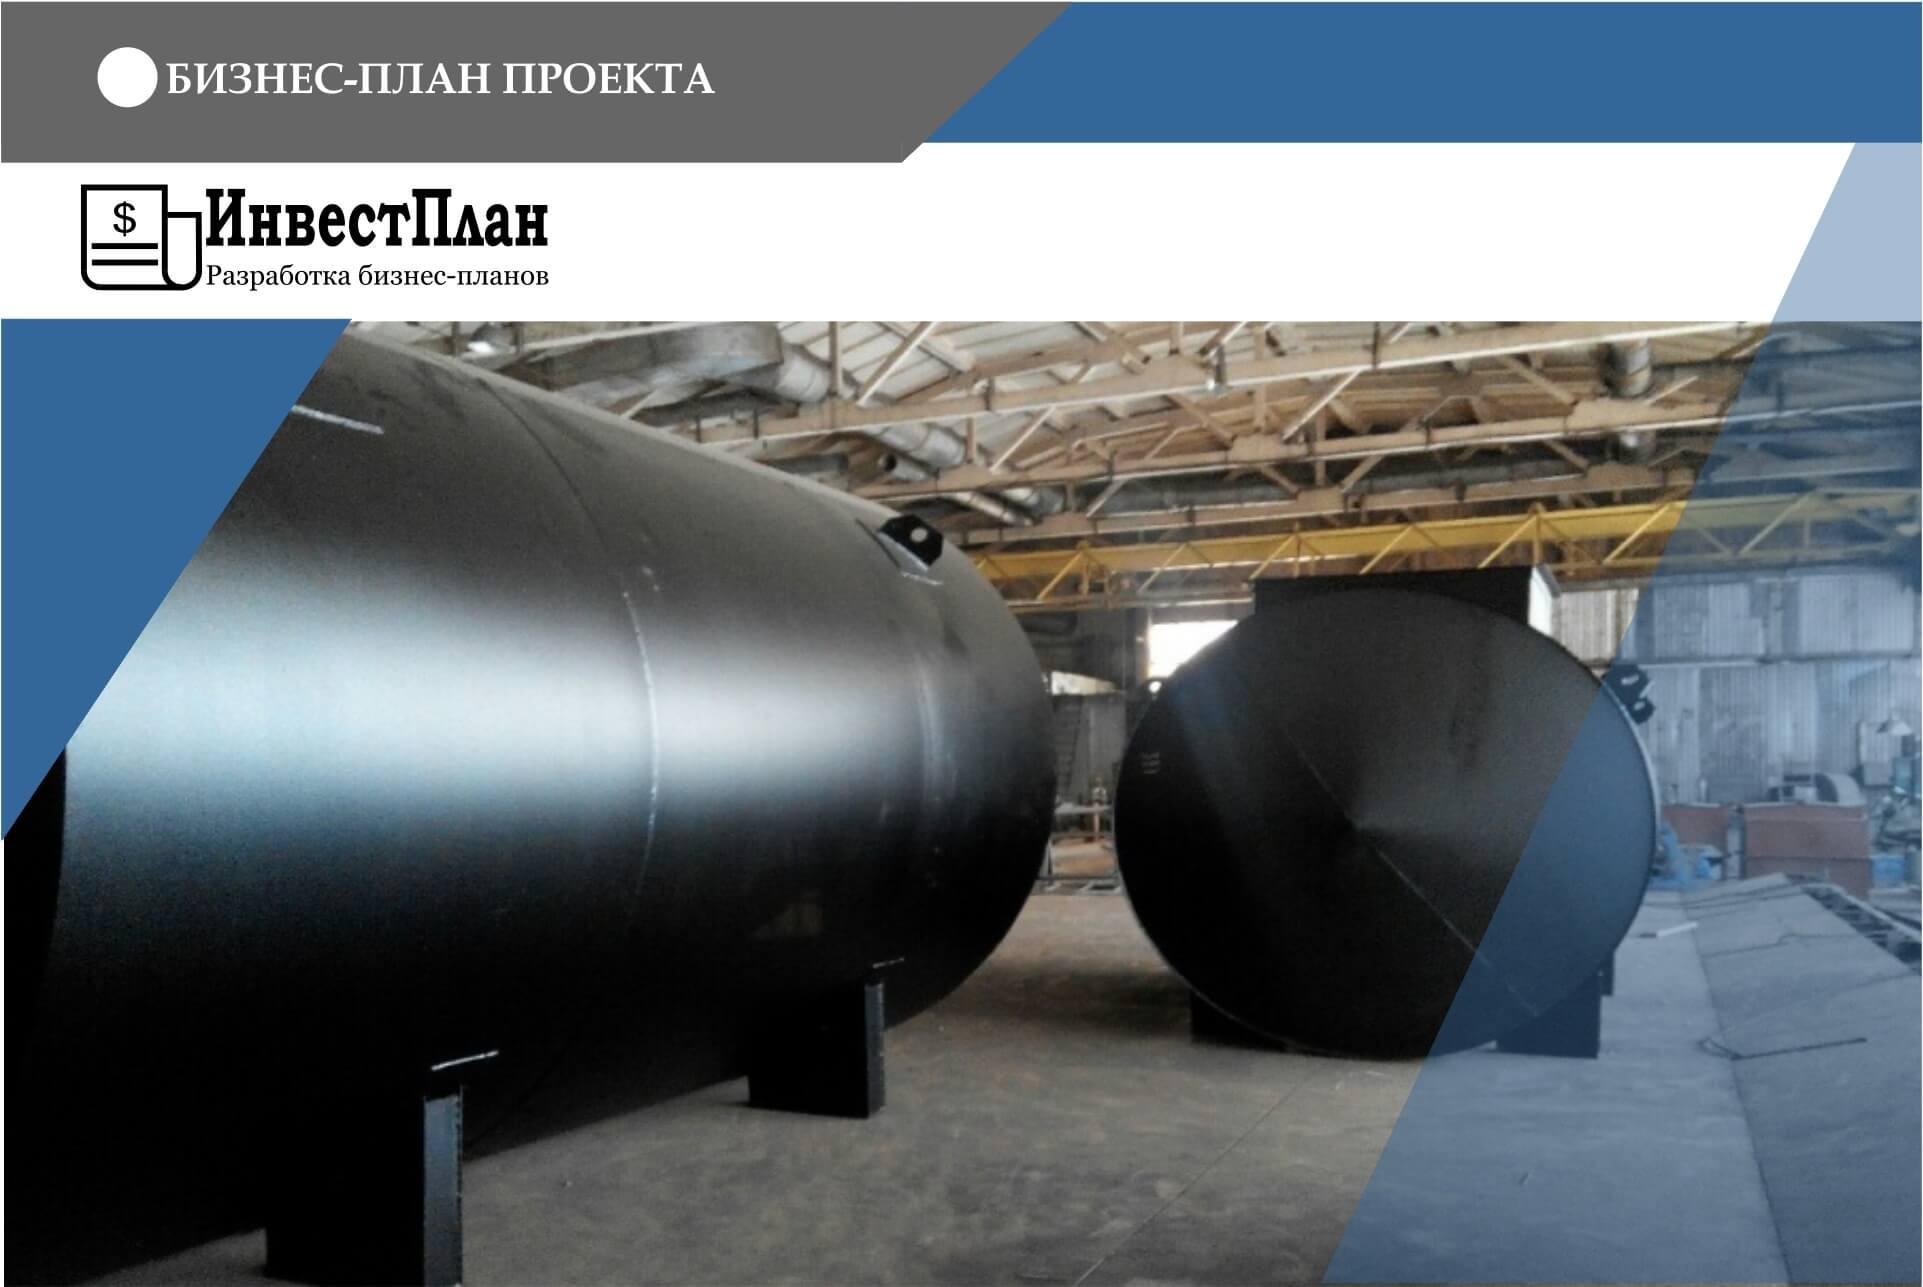 Бизнес-план по увеличению производственных мощностей предприятия по производству технического оборудования для нефтехимической промышленности.